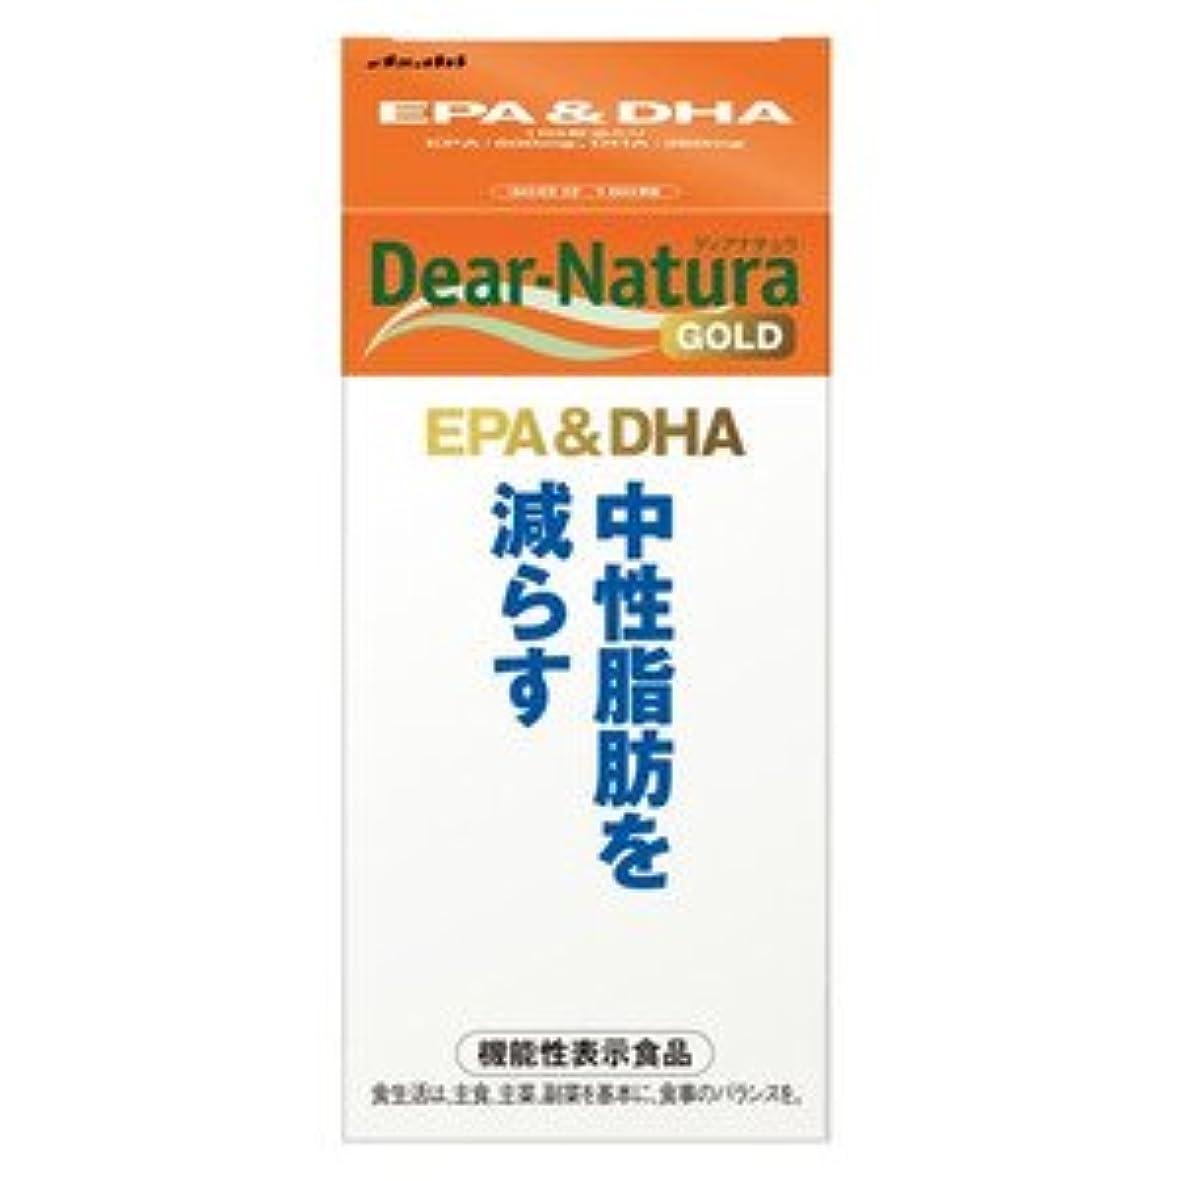 (アサヒフード&ヘルスケア)ディアナチュラゴールド EPA&DHA 30日分 180粒(お買い得3個セット)